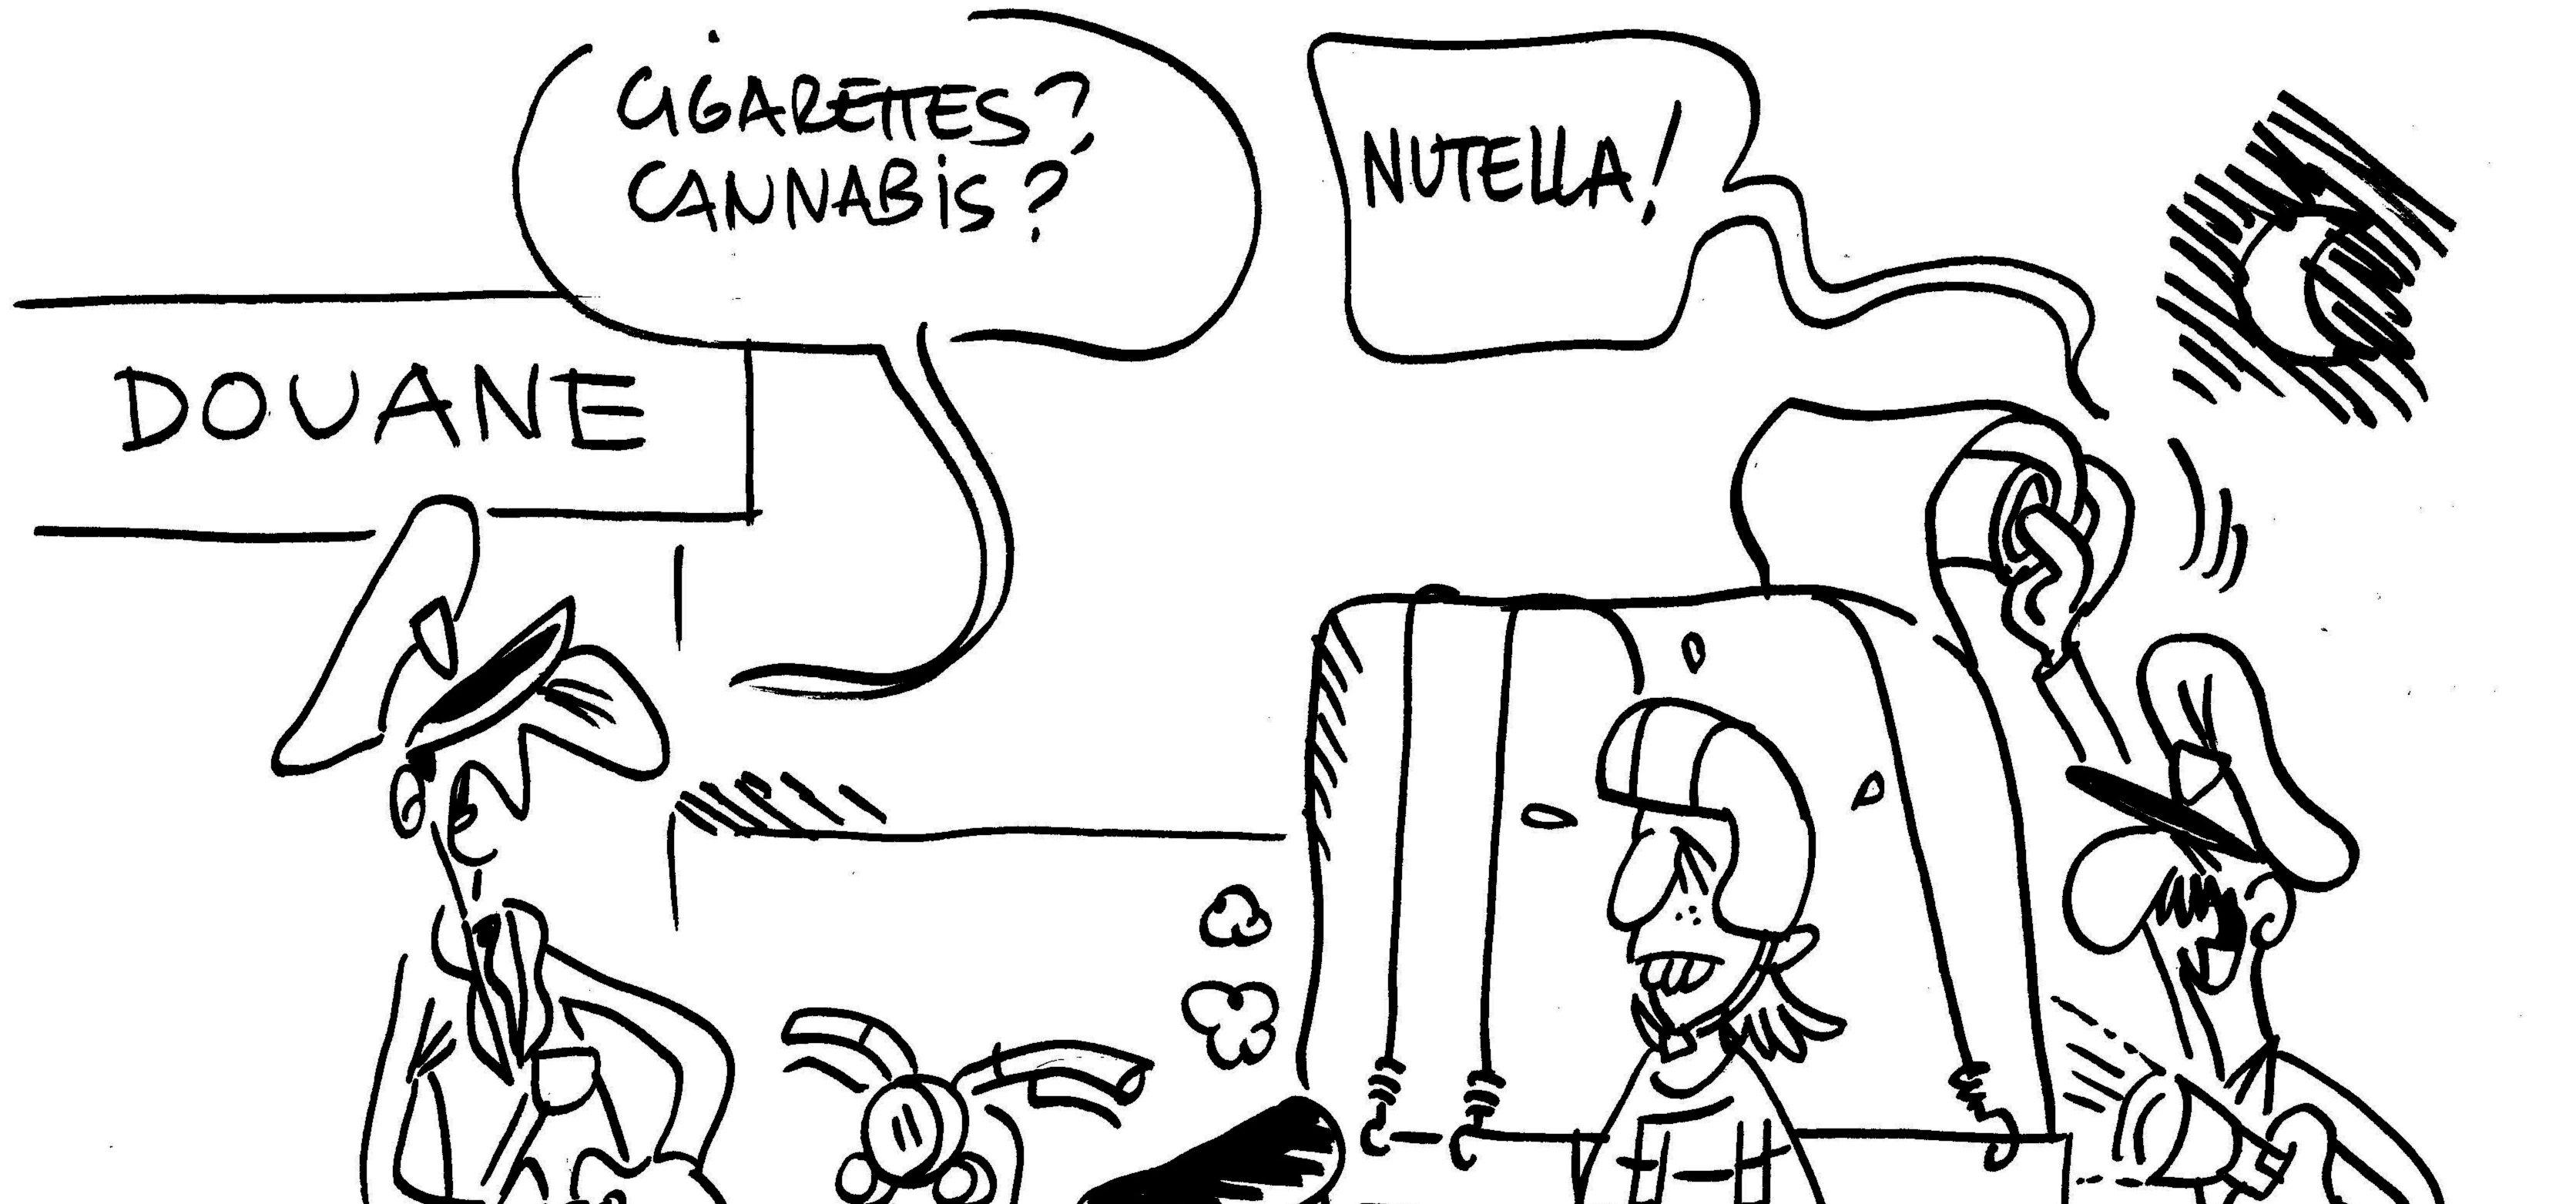 Les dessins de M'sieur L'Comte : taxe Nutella et douane